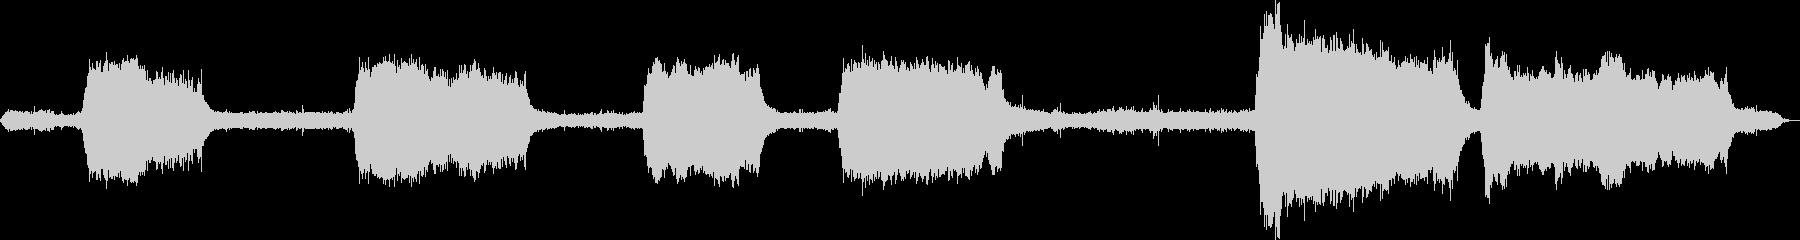 ソー、チェーンソー、エンジン; D...の未再生の波形